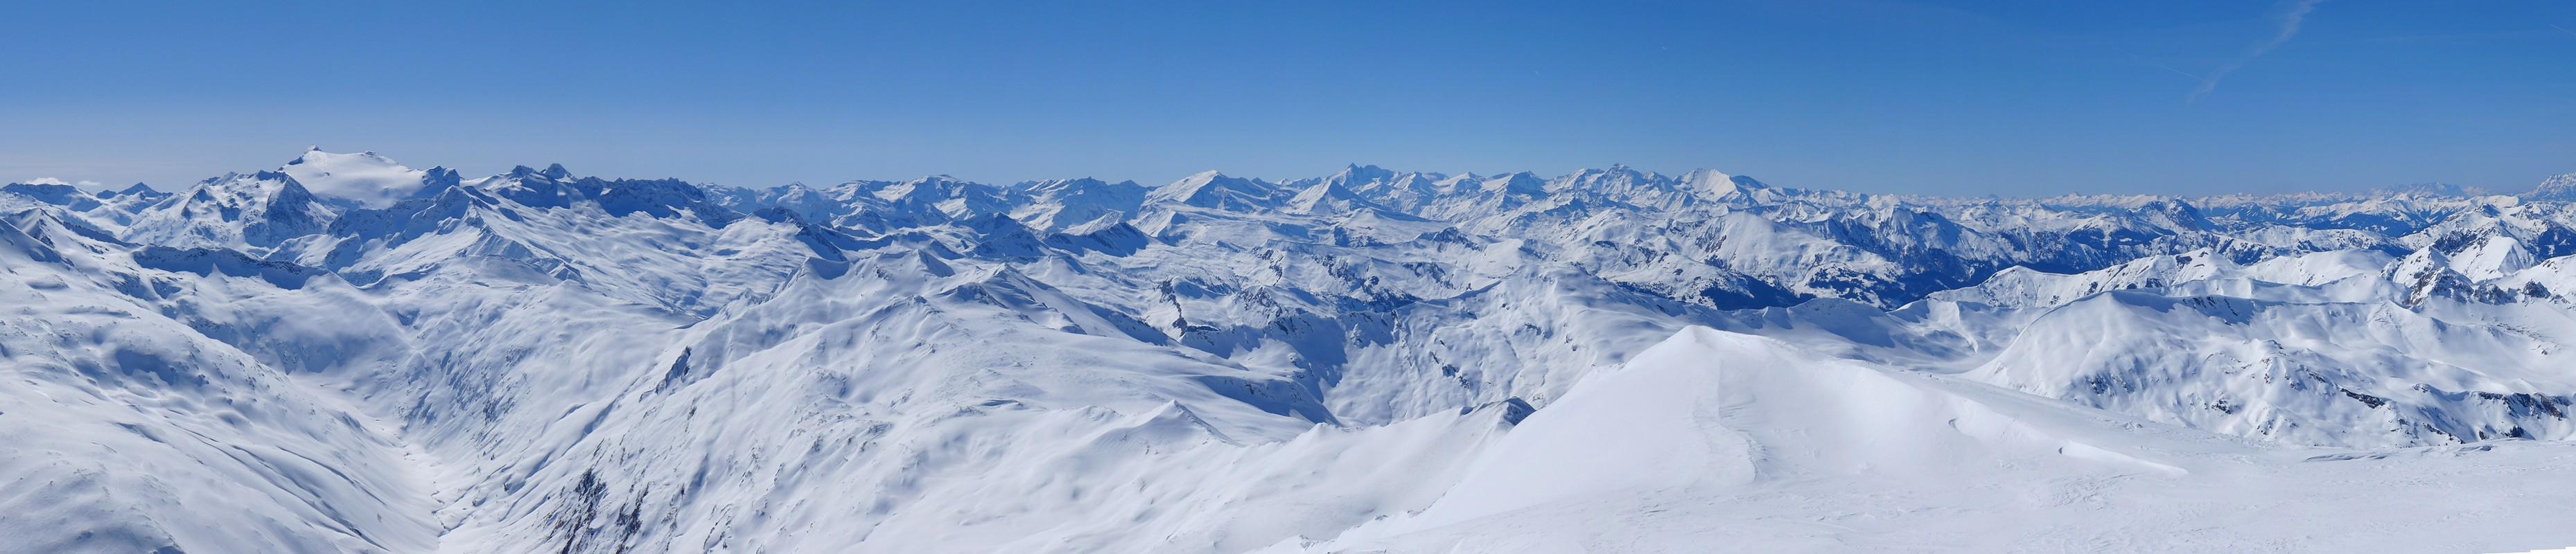 Weisseck Niedere Tauern Austria panorama 33